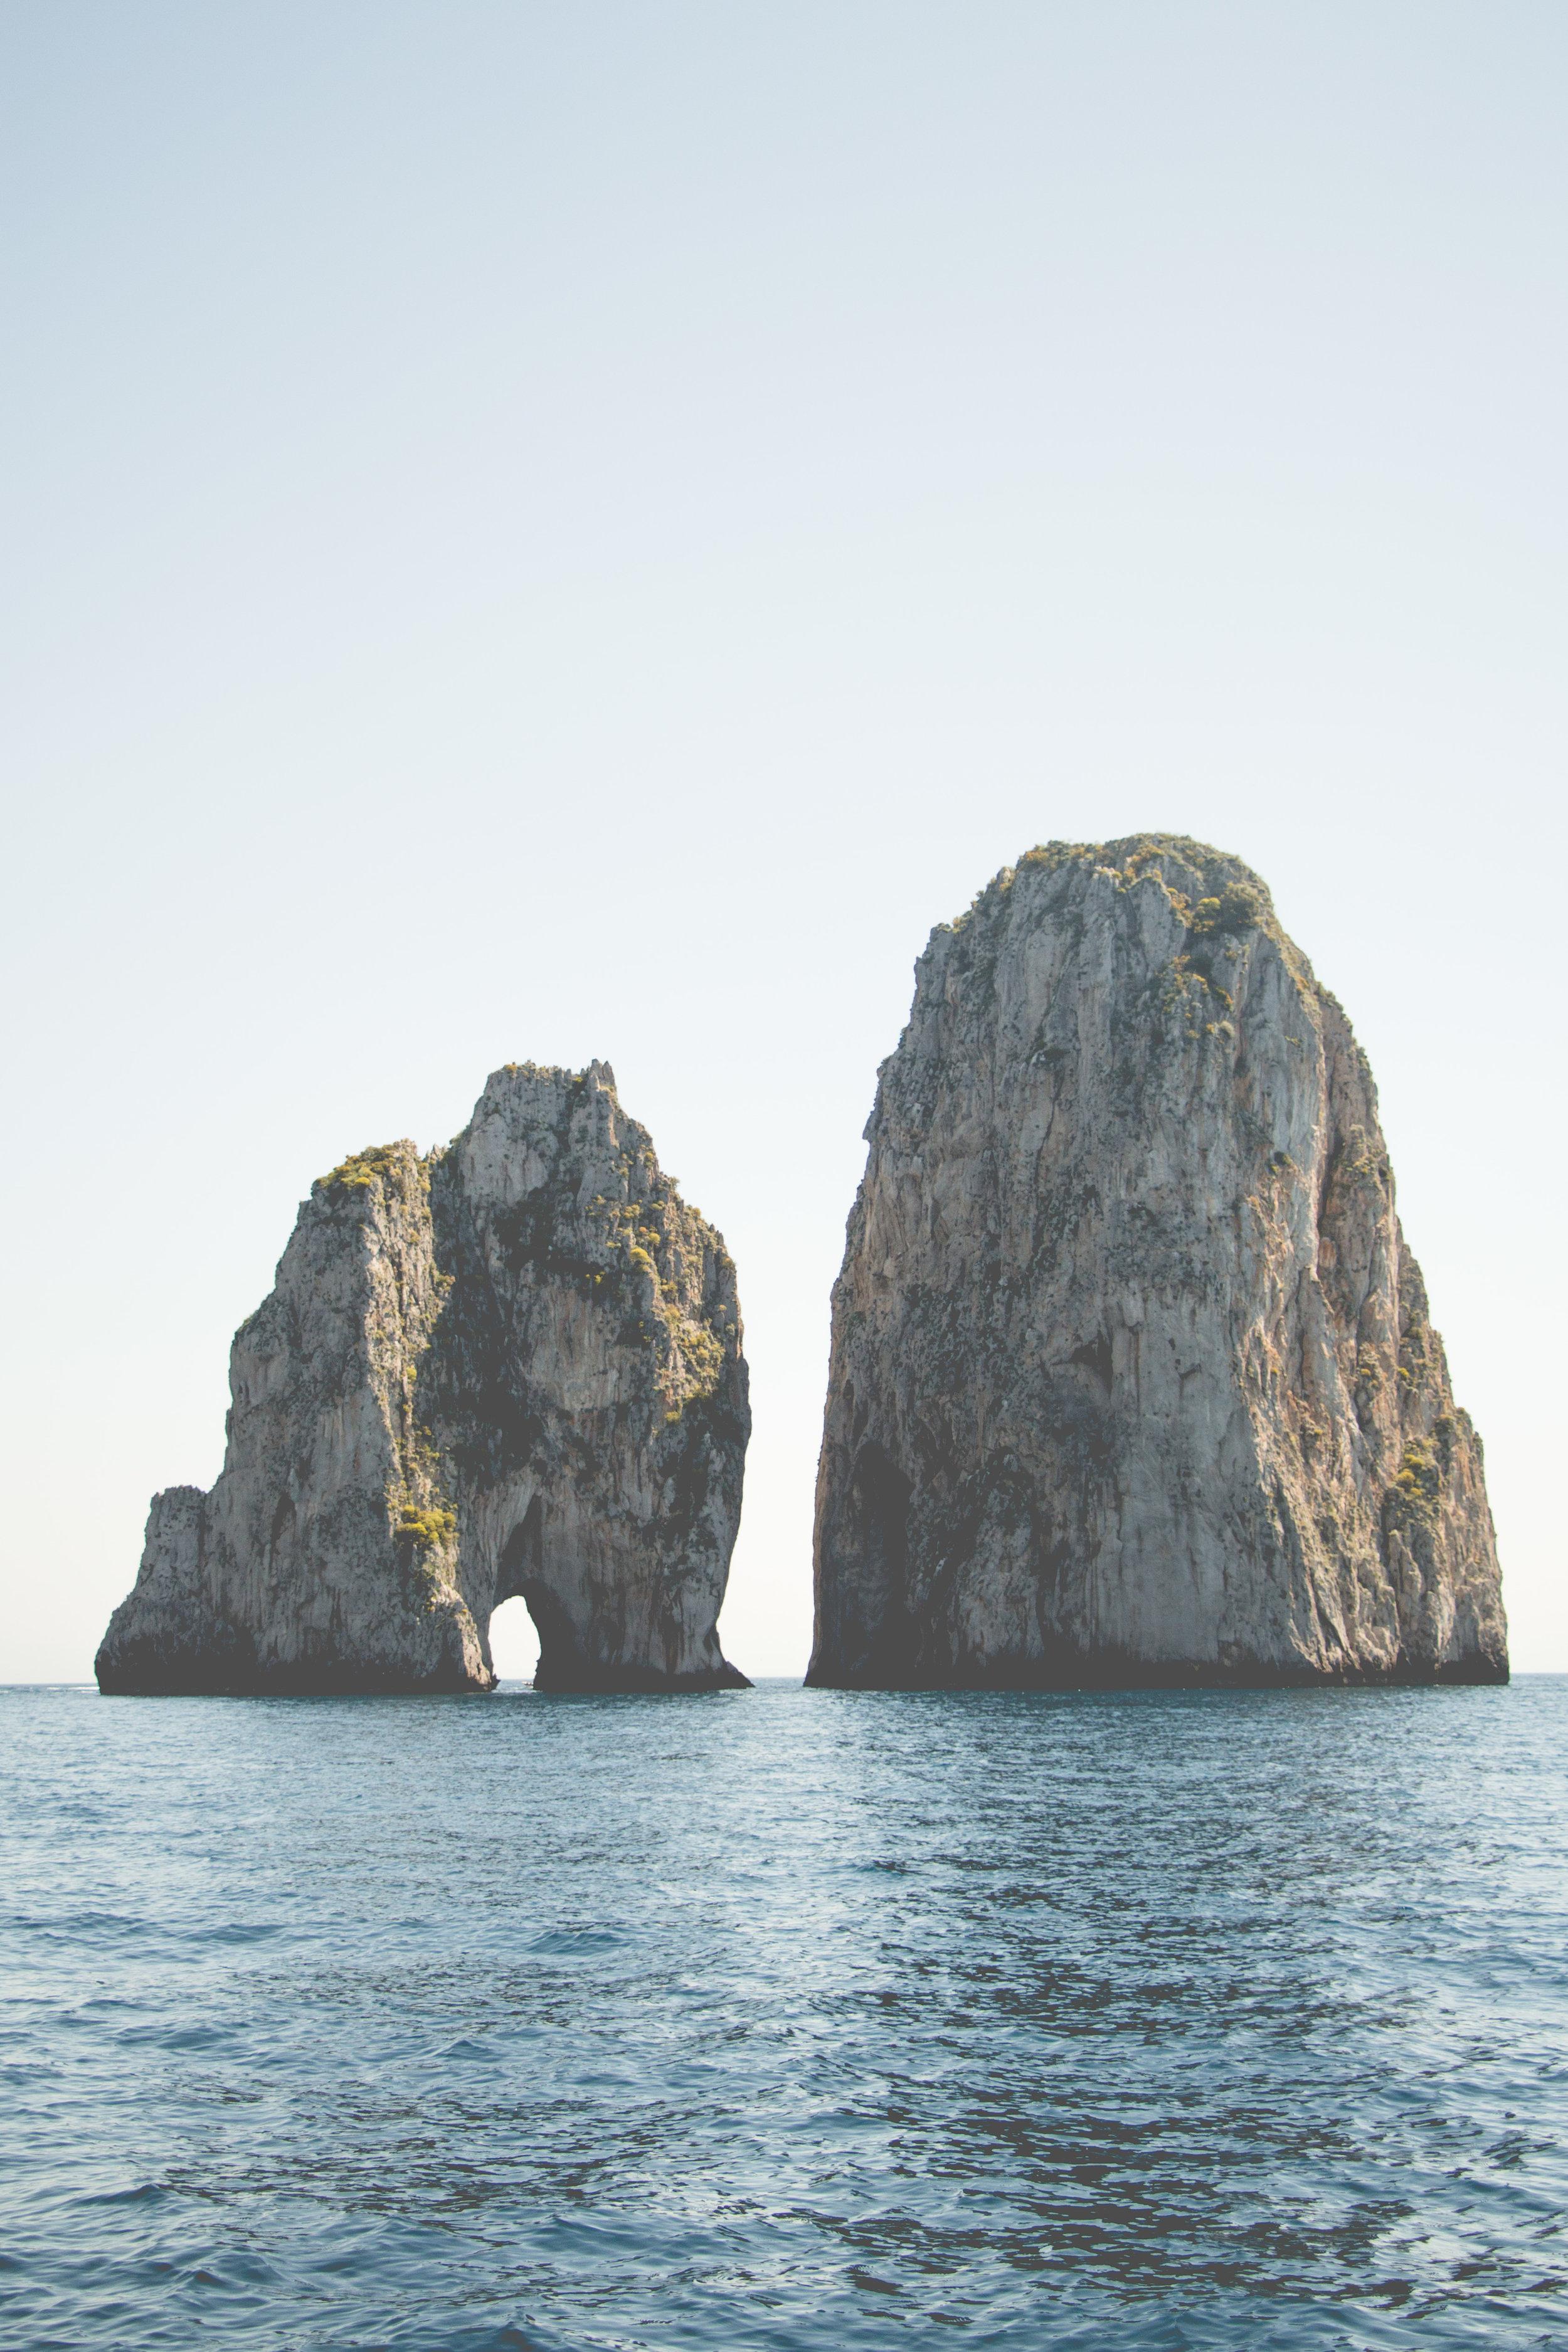 italy-rome-sorrento-tuscany-capri-50